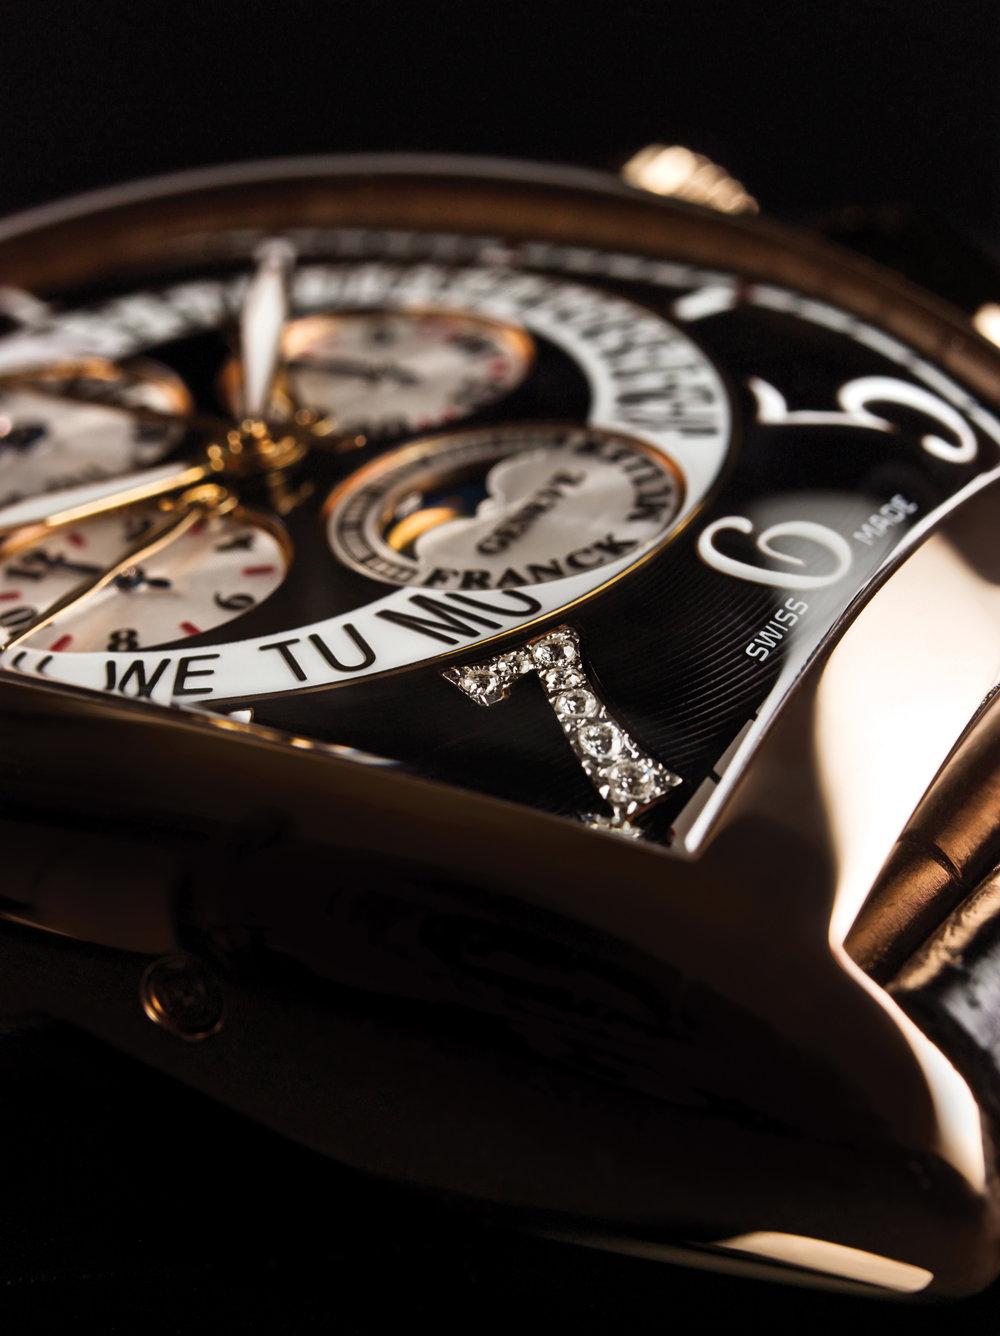 Franck+Muller+Unique+Piece+Cristiano+Ronaldo+Timepiece2.jpg